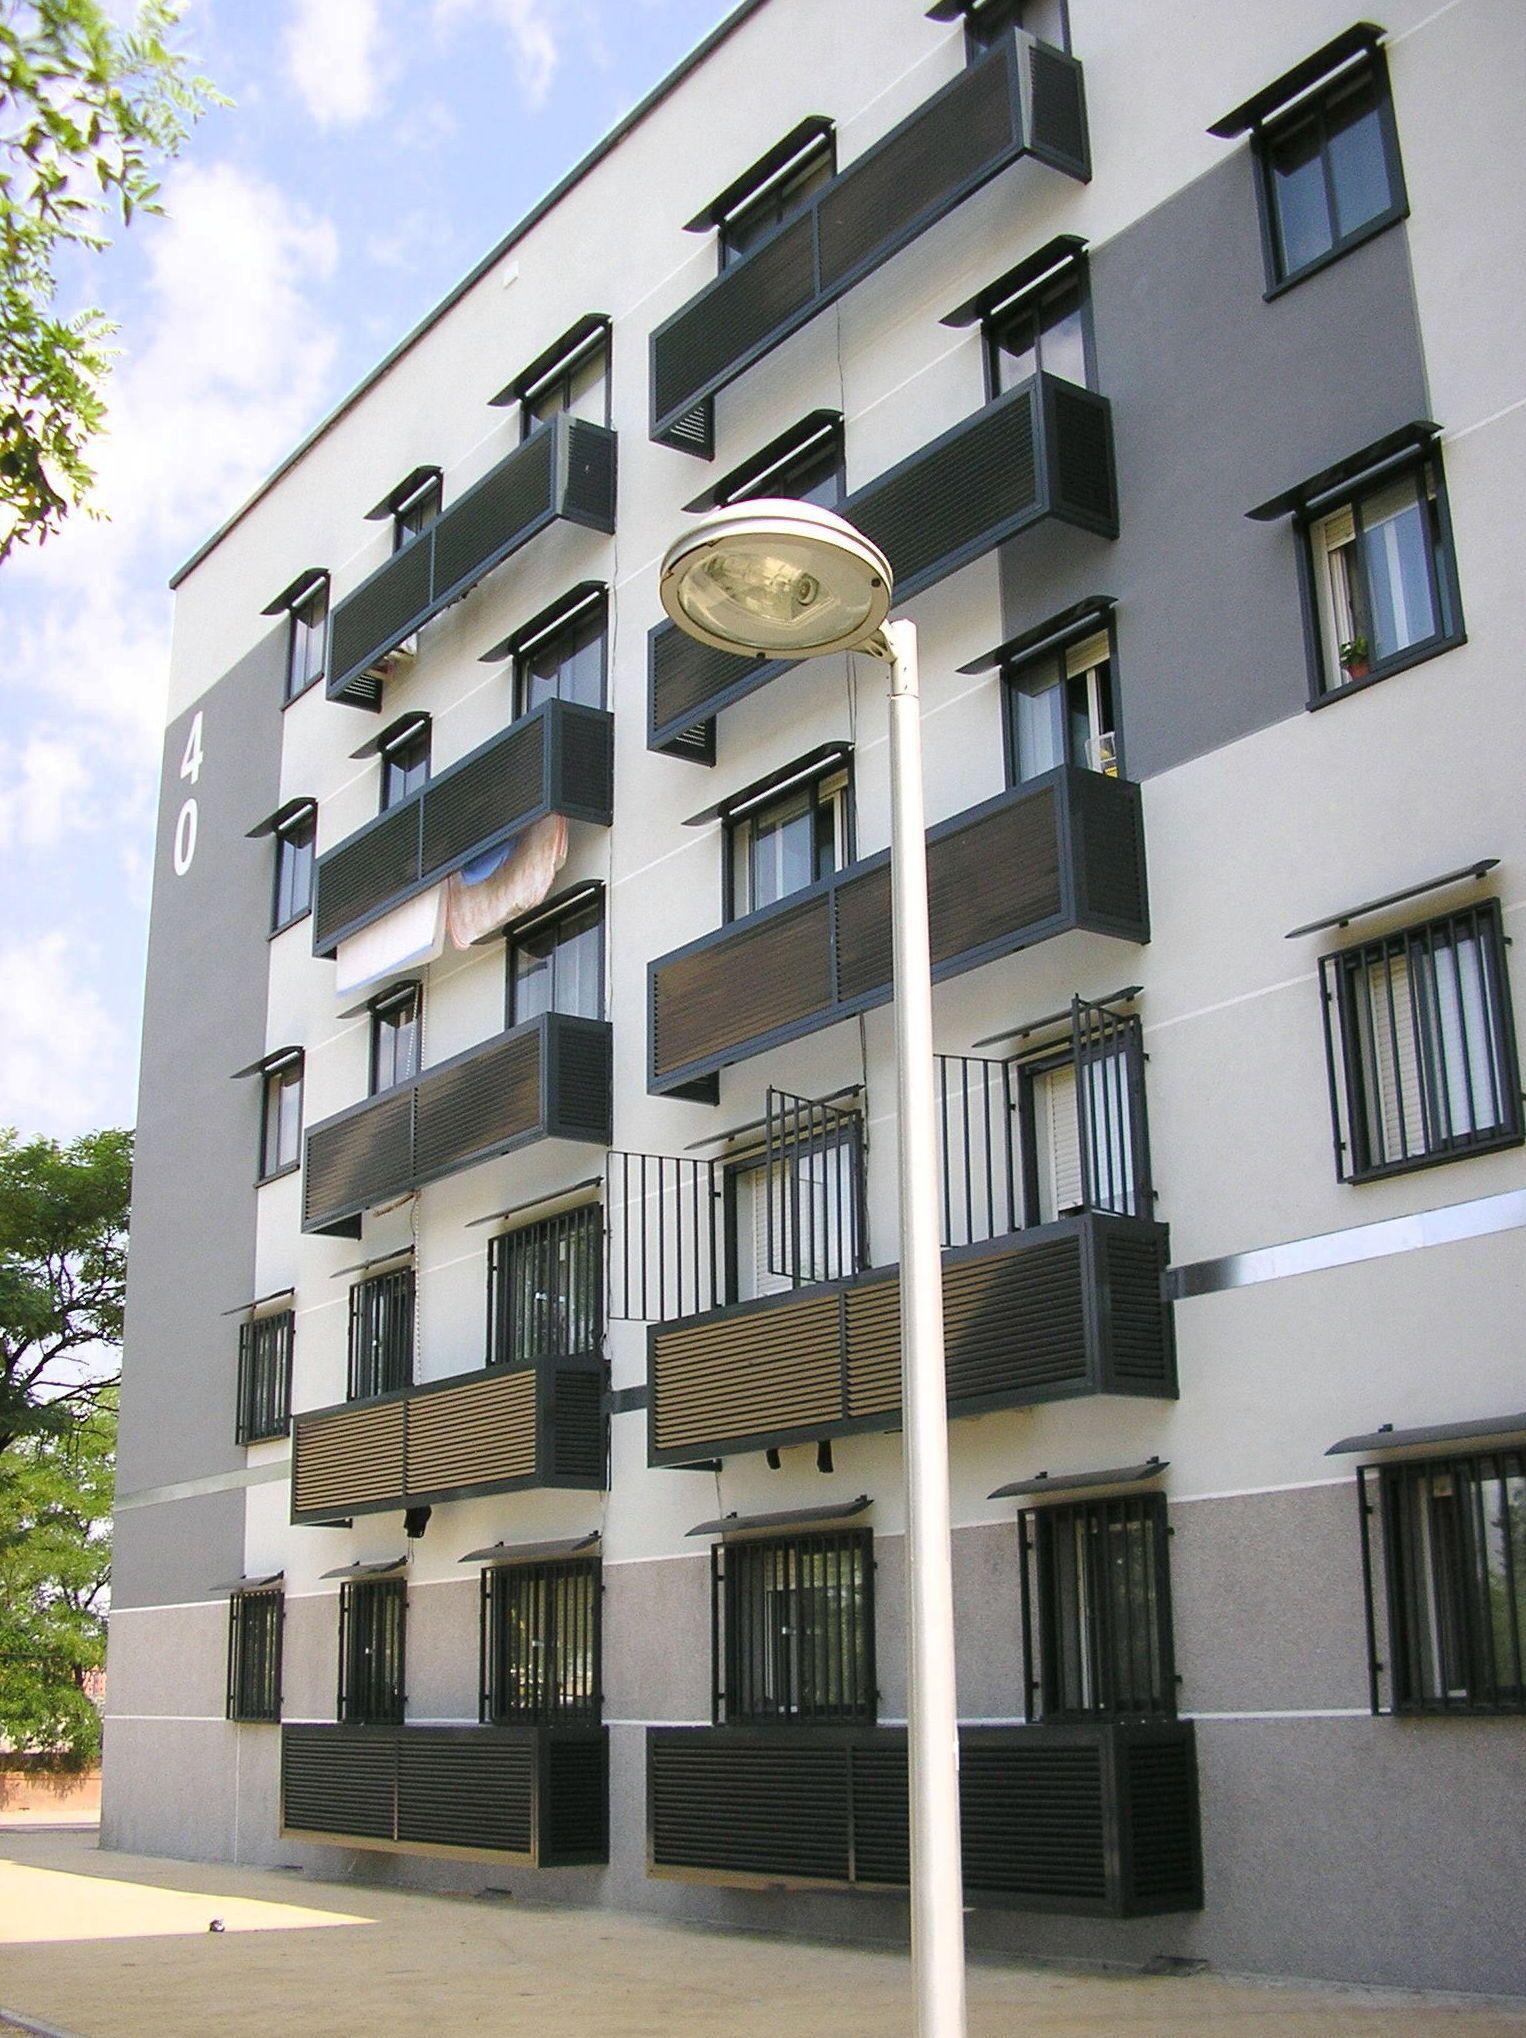 Las fachadas de edificios del centro de madrid las for Fachadas contemporaneas de edificios